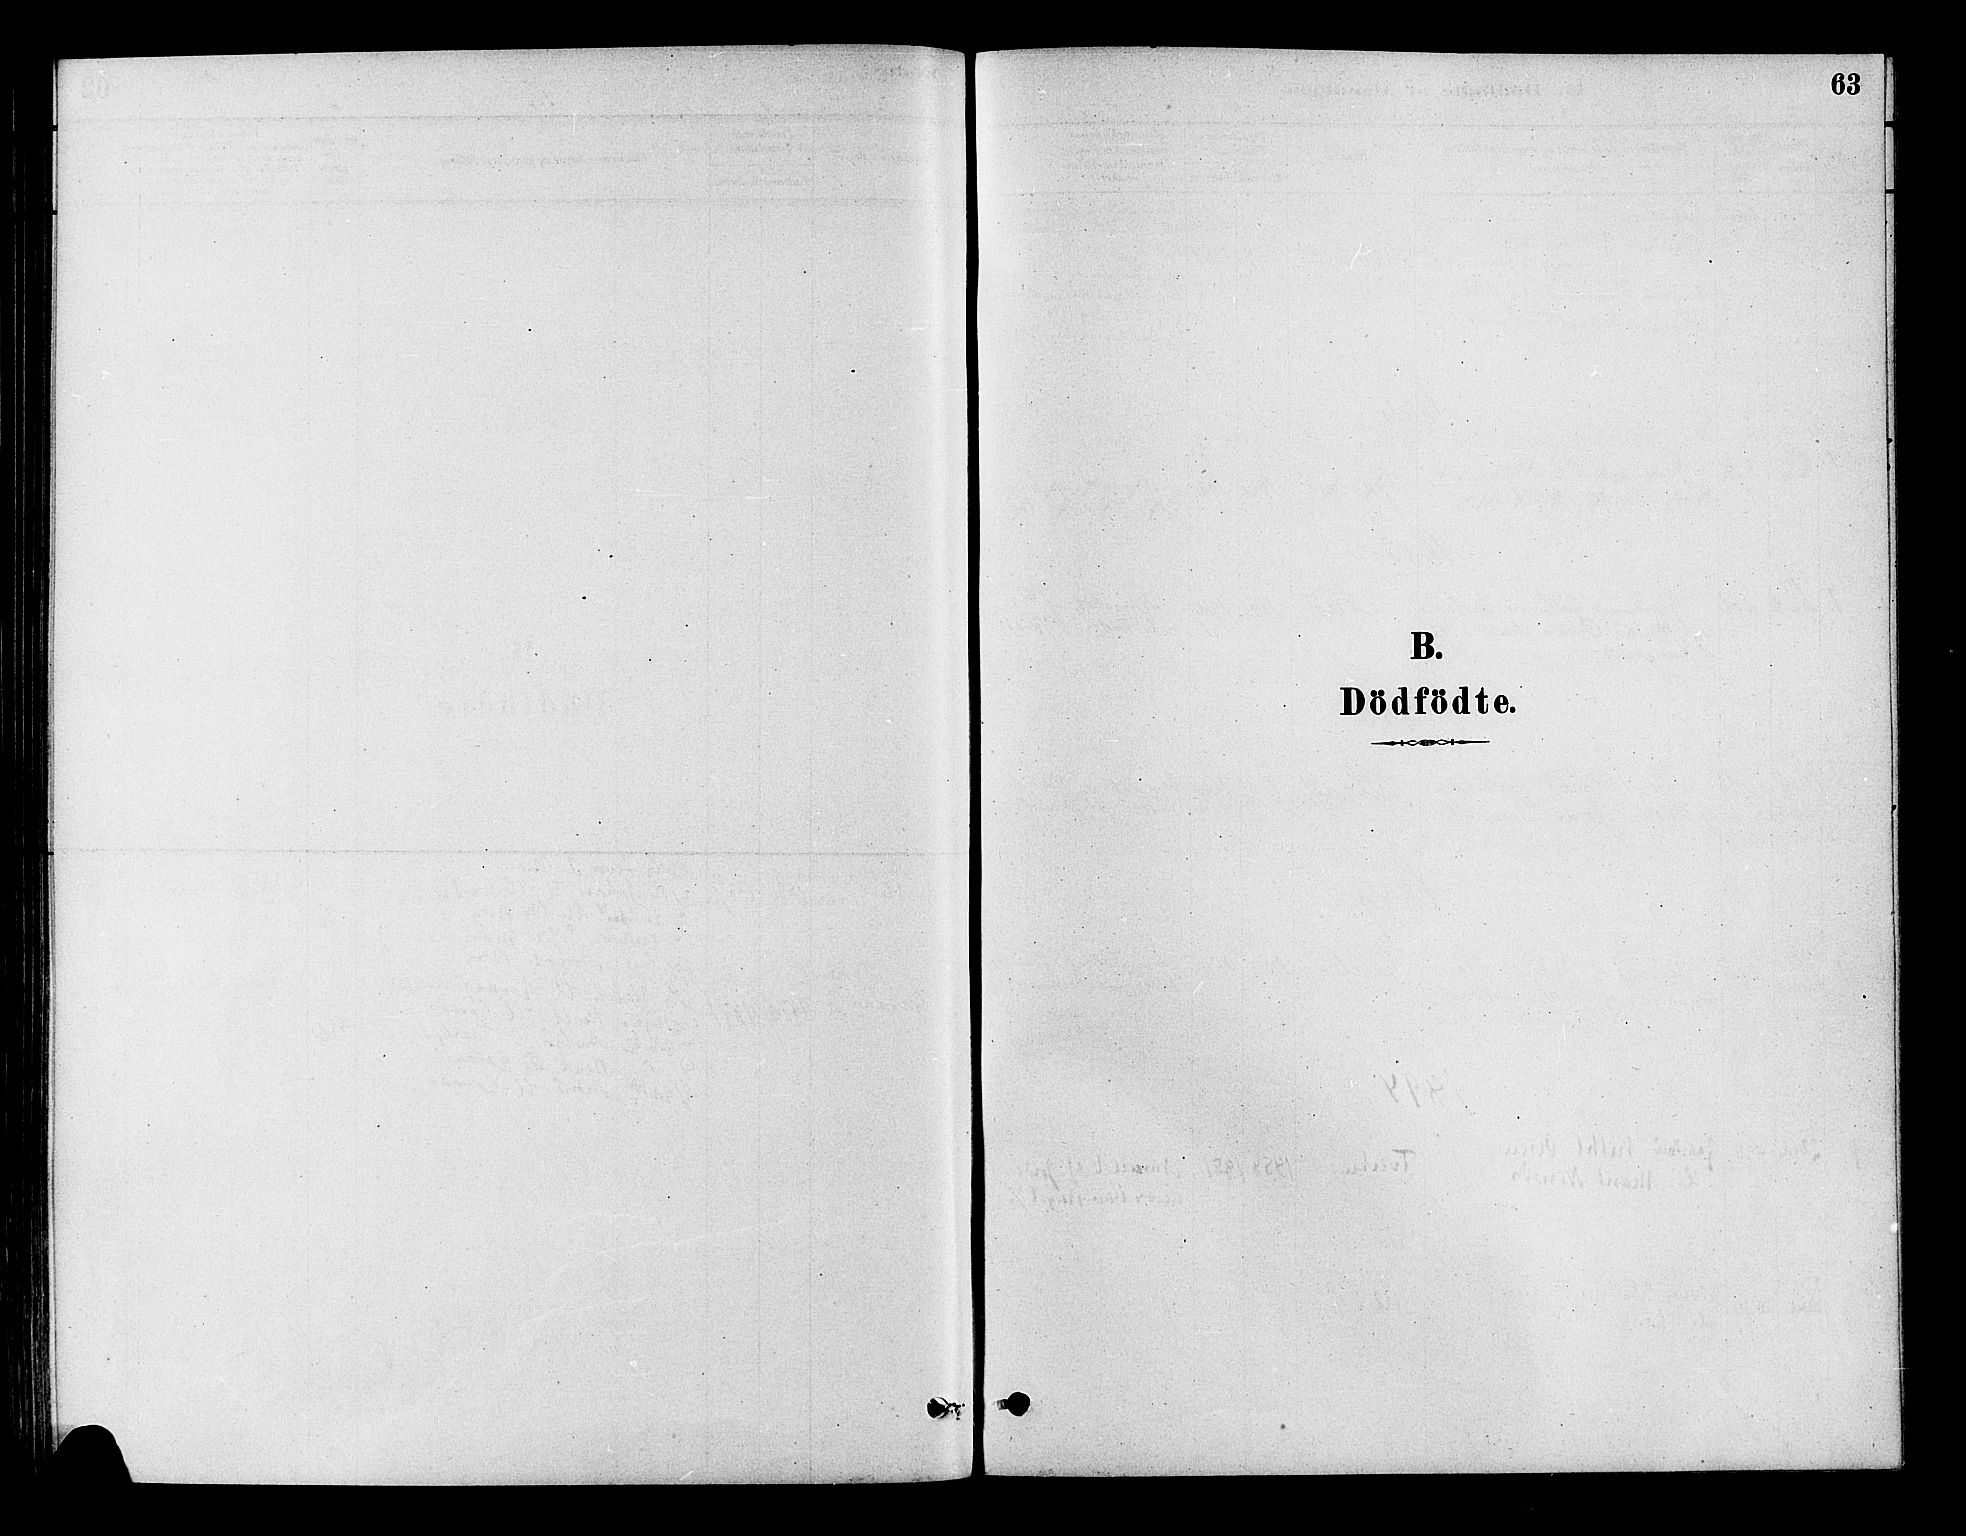 SAKO, Flesberg kirkebøker, F/Fb/L0001: Ministerialbok nr. II 1, 1879-1907, s. 63